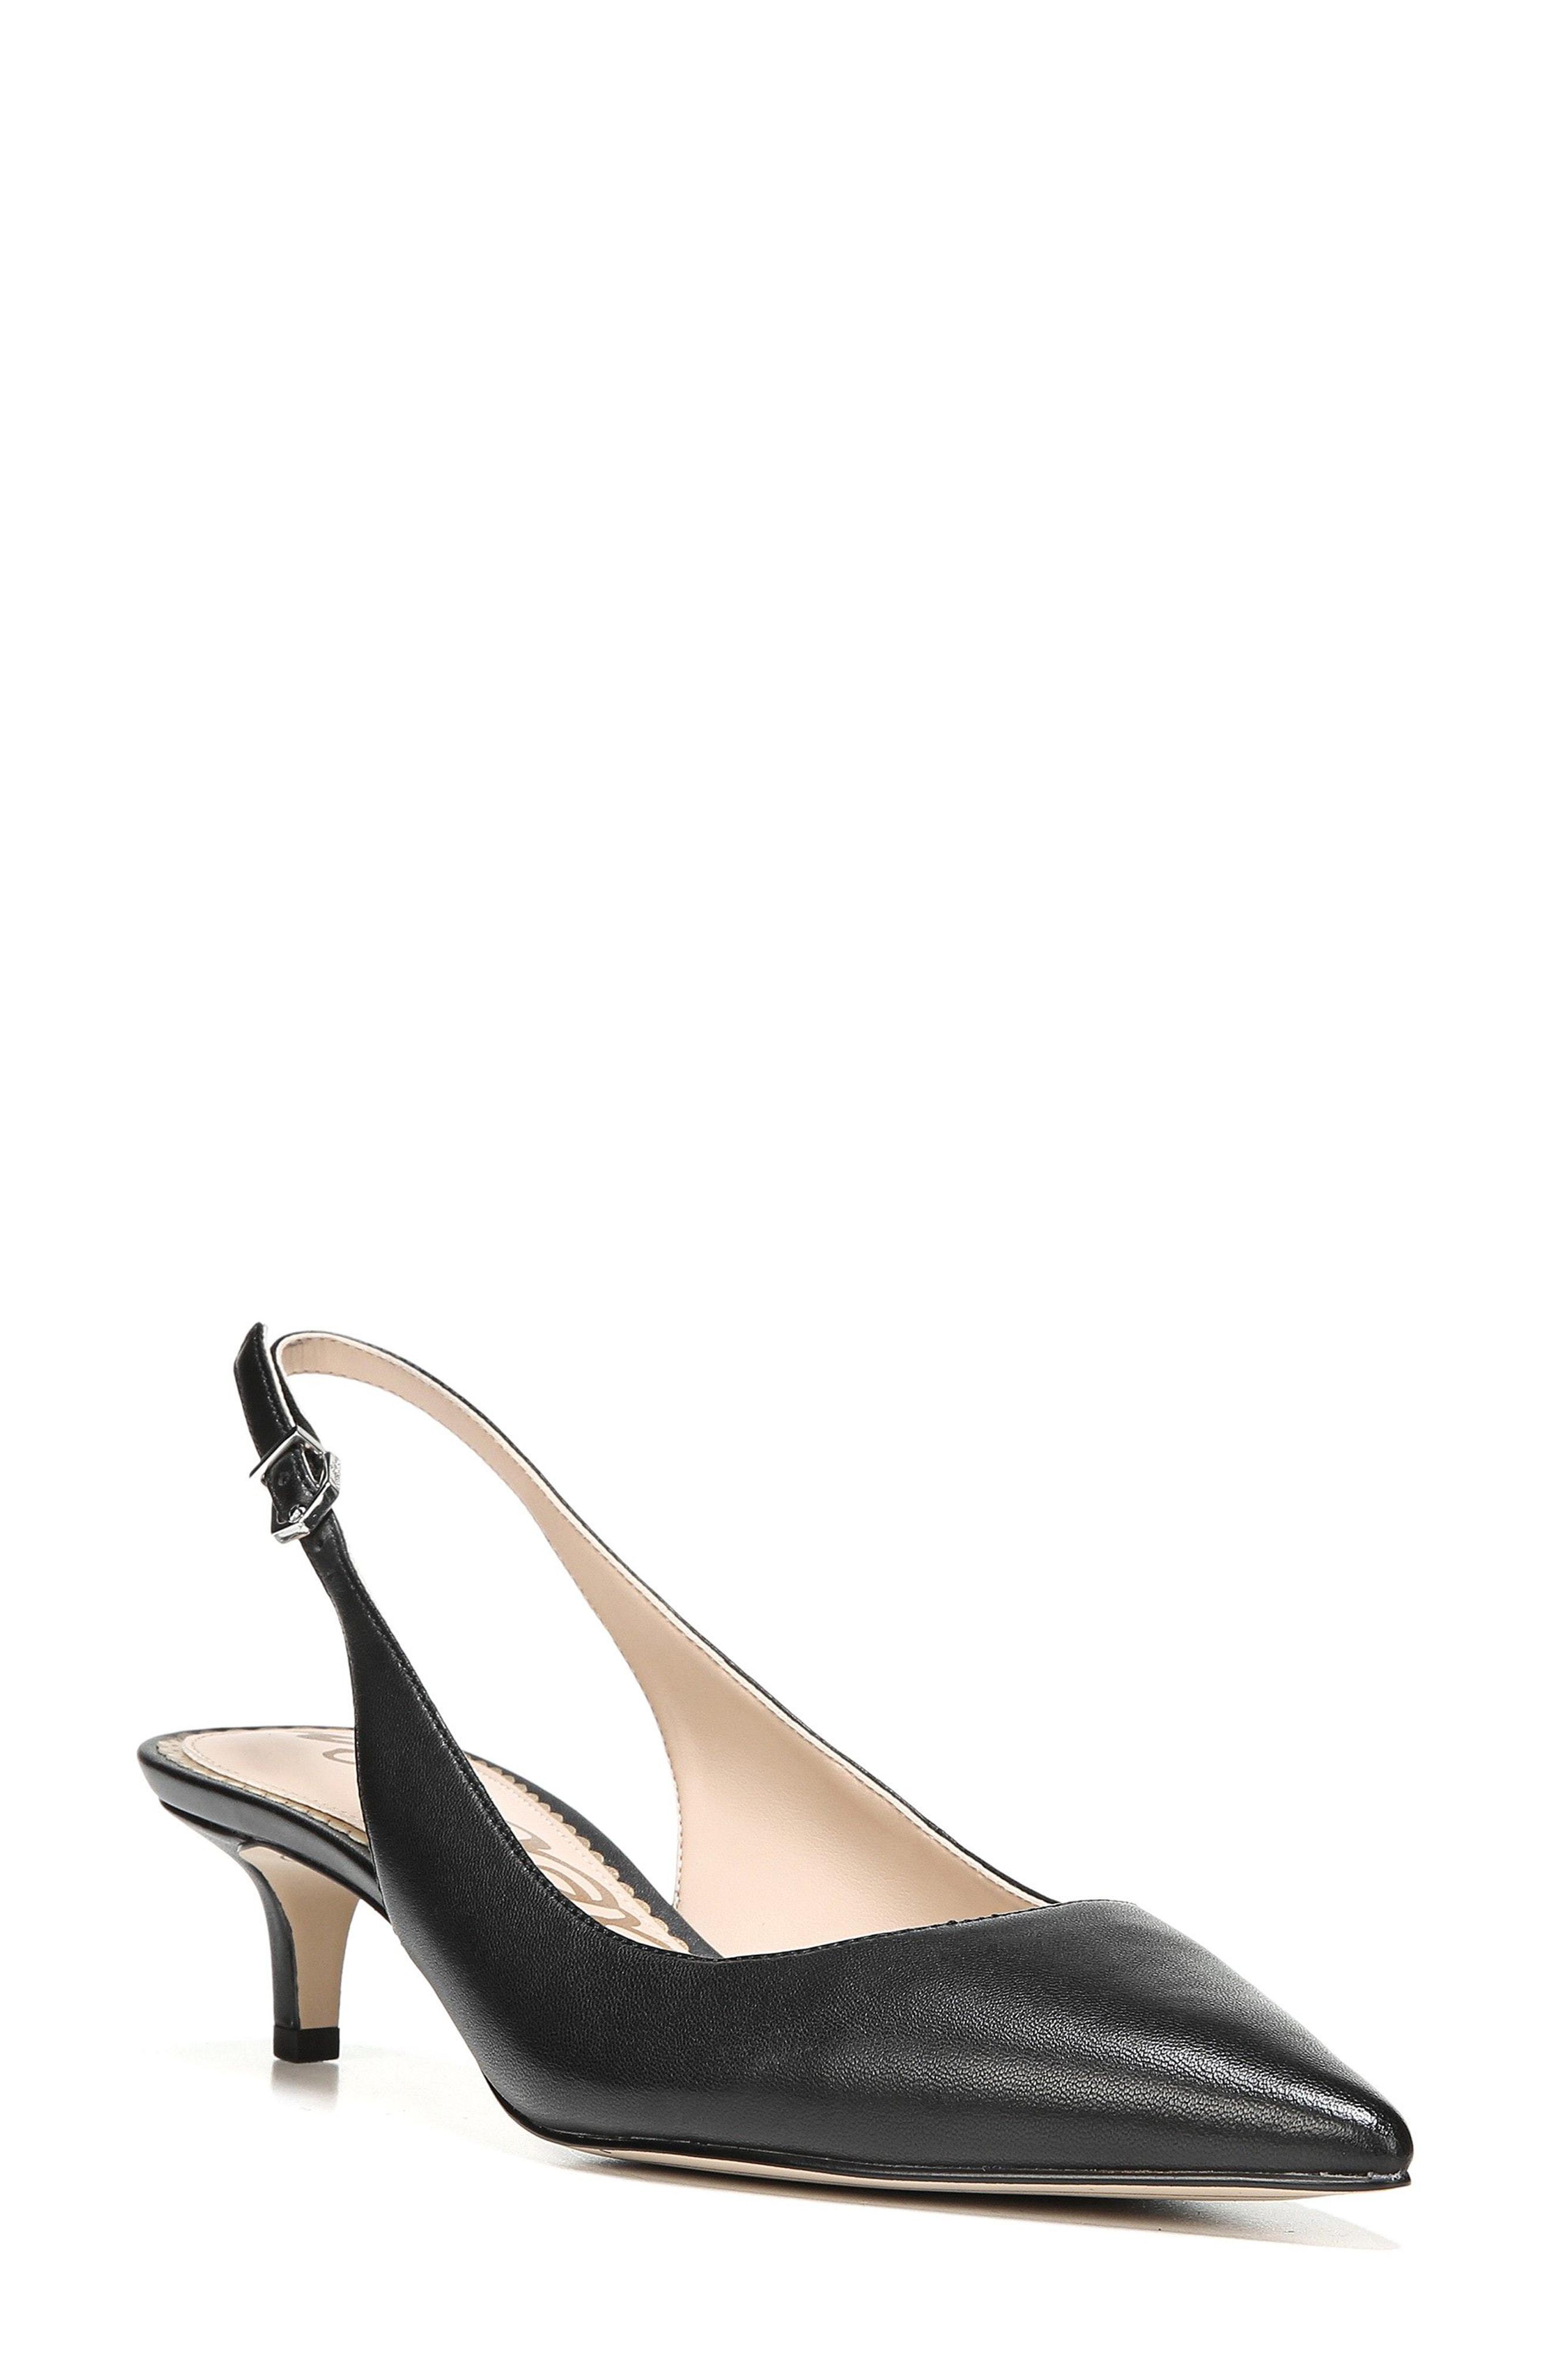 f46fc0e4d78755 Sam Edelman Ludlow Leather Kitten-Heel Slingback Pumps In Black ...